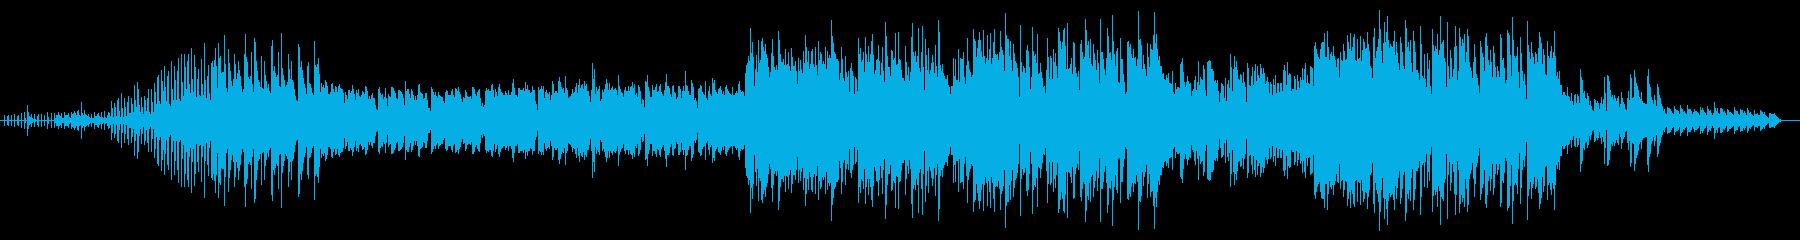 ゆったり優しいシンセサイザーサウンドの再生済みの波形